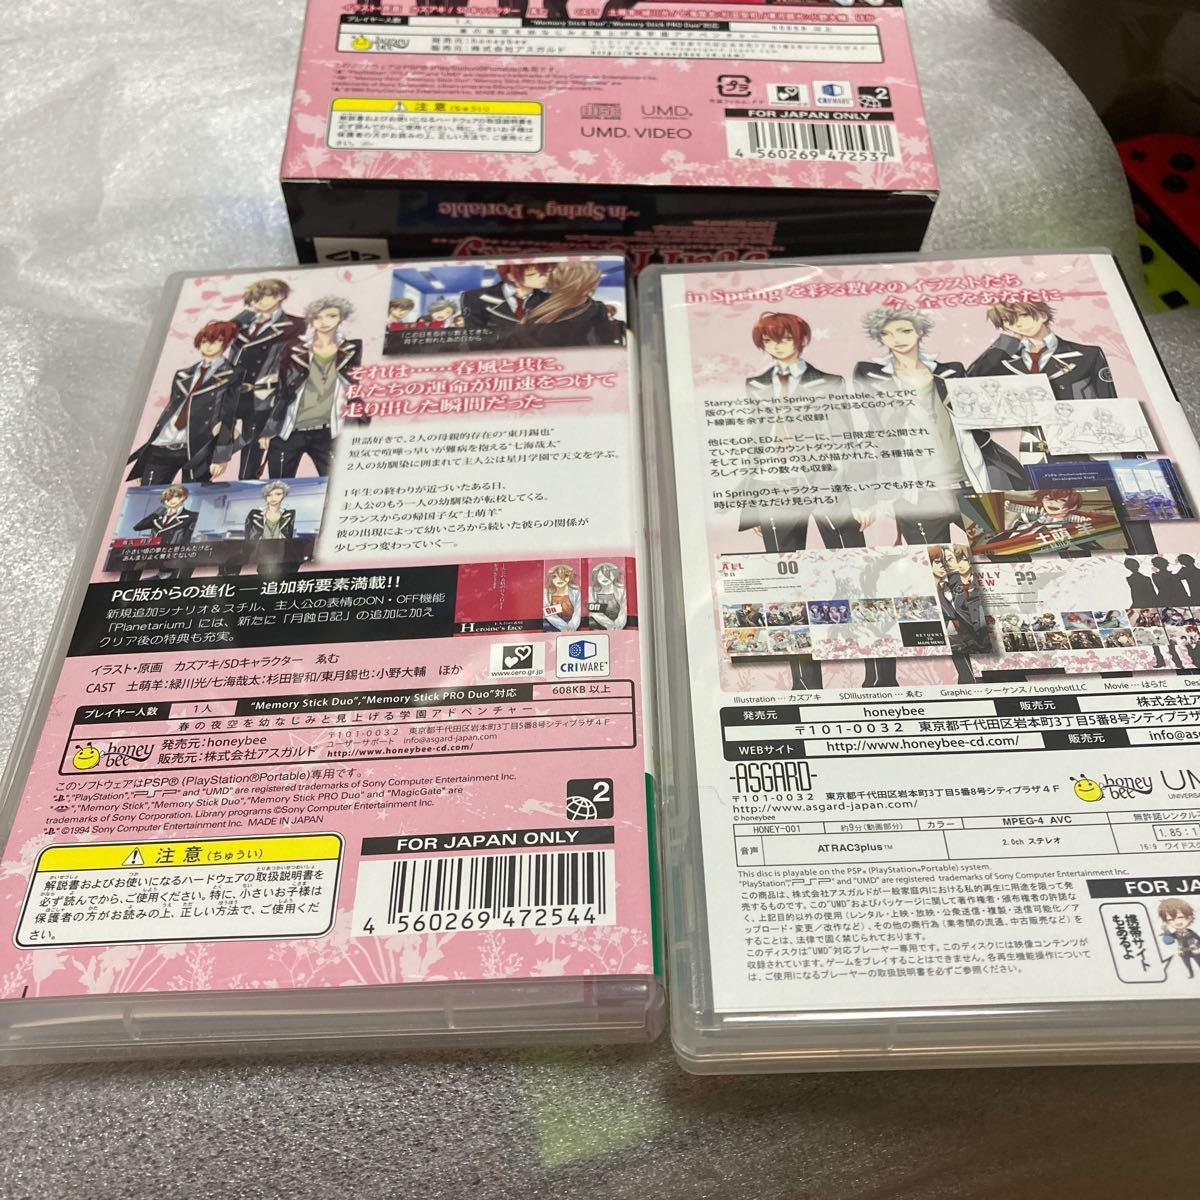 PSP StarrySky  in Spring ポータブル (初回限定)